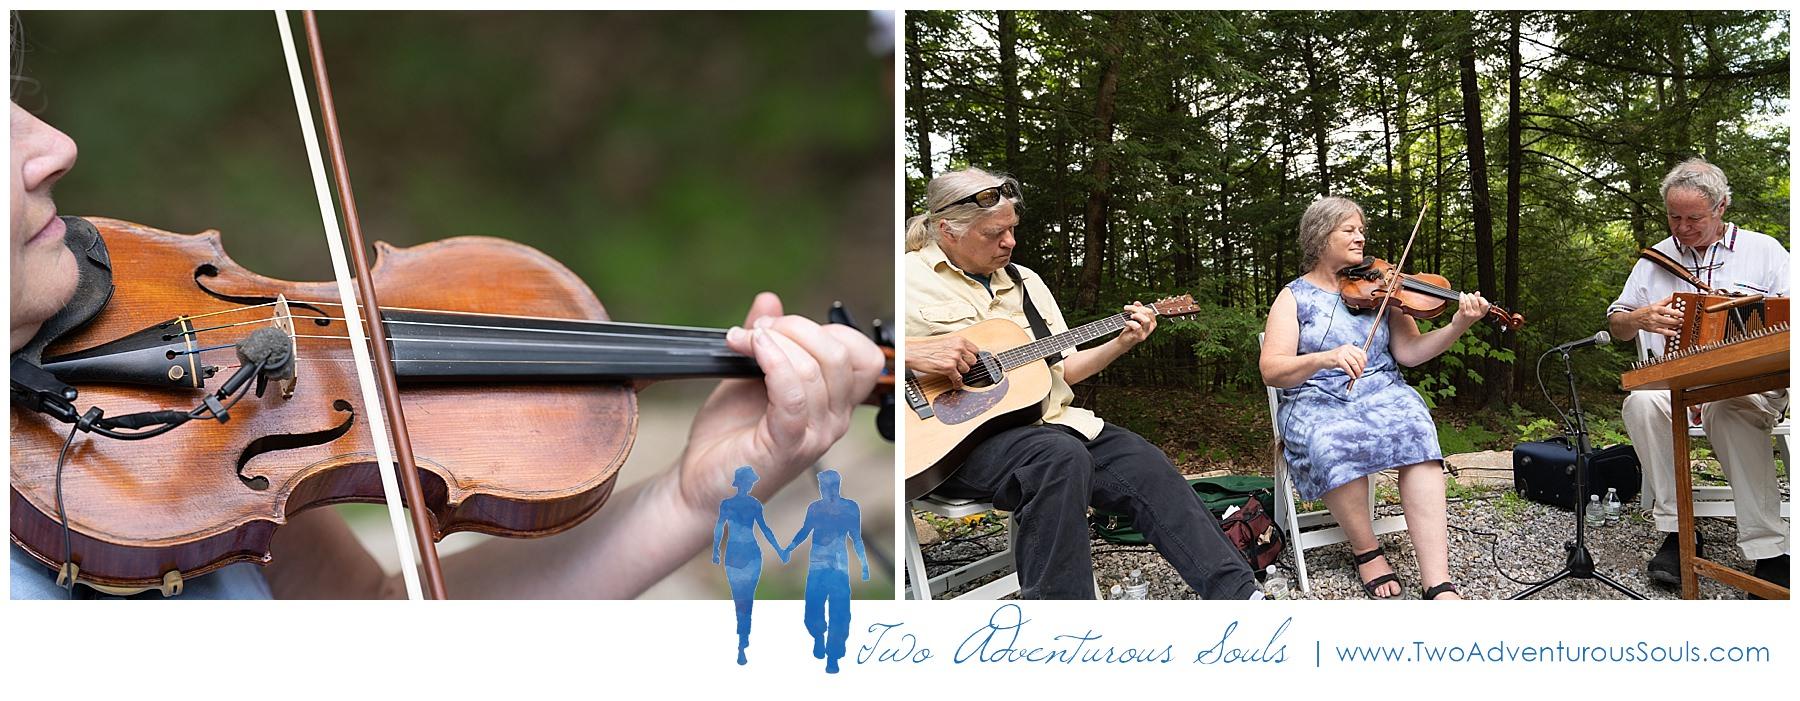 Maine Wedding Photographers, Granite Ridge Estate Wedding Photographers, Two Adventurous Souls - 080319_0024.jpg